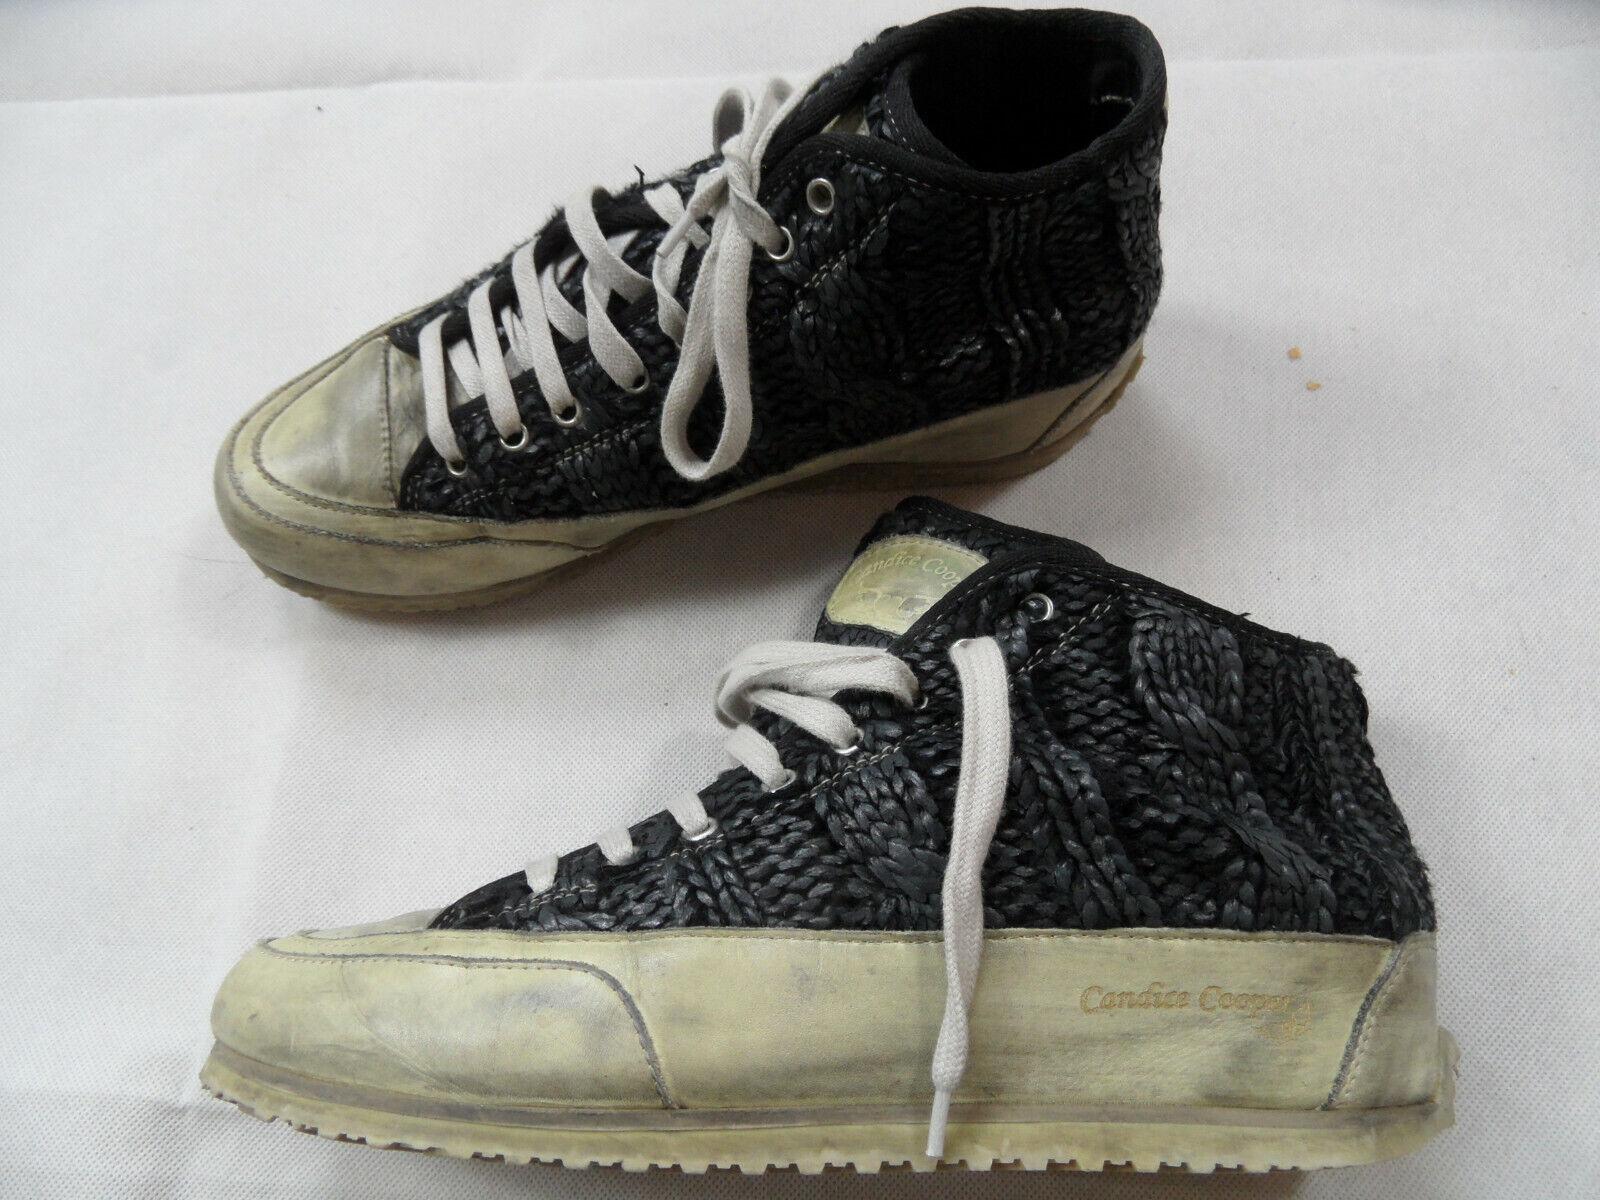 CANDICE COOPER stylische Sneakers in Strickoptik black Gr. 40 TOP JE219